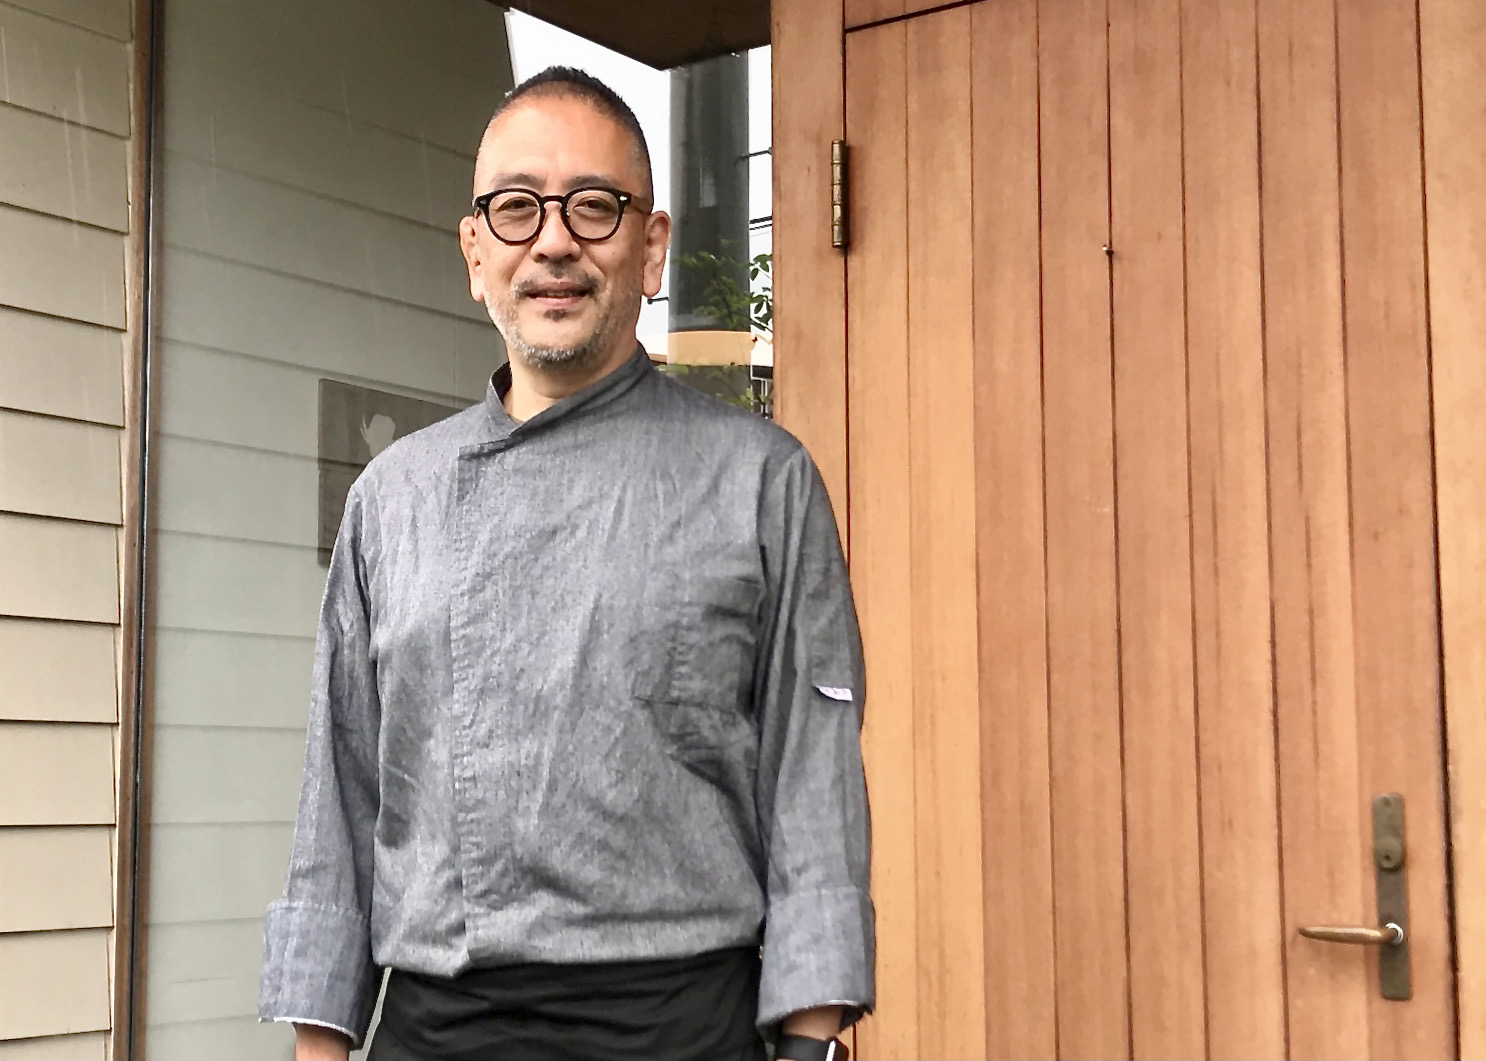 オーナーシェフの高田清さん。店名は、奥様がこよなく愛す台湾映画『ヤンヤン 夏の想い出』の原題『A ONE AND A TWO』から。